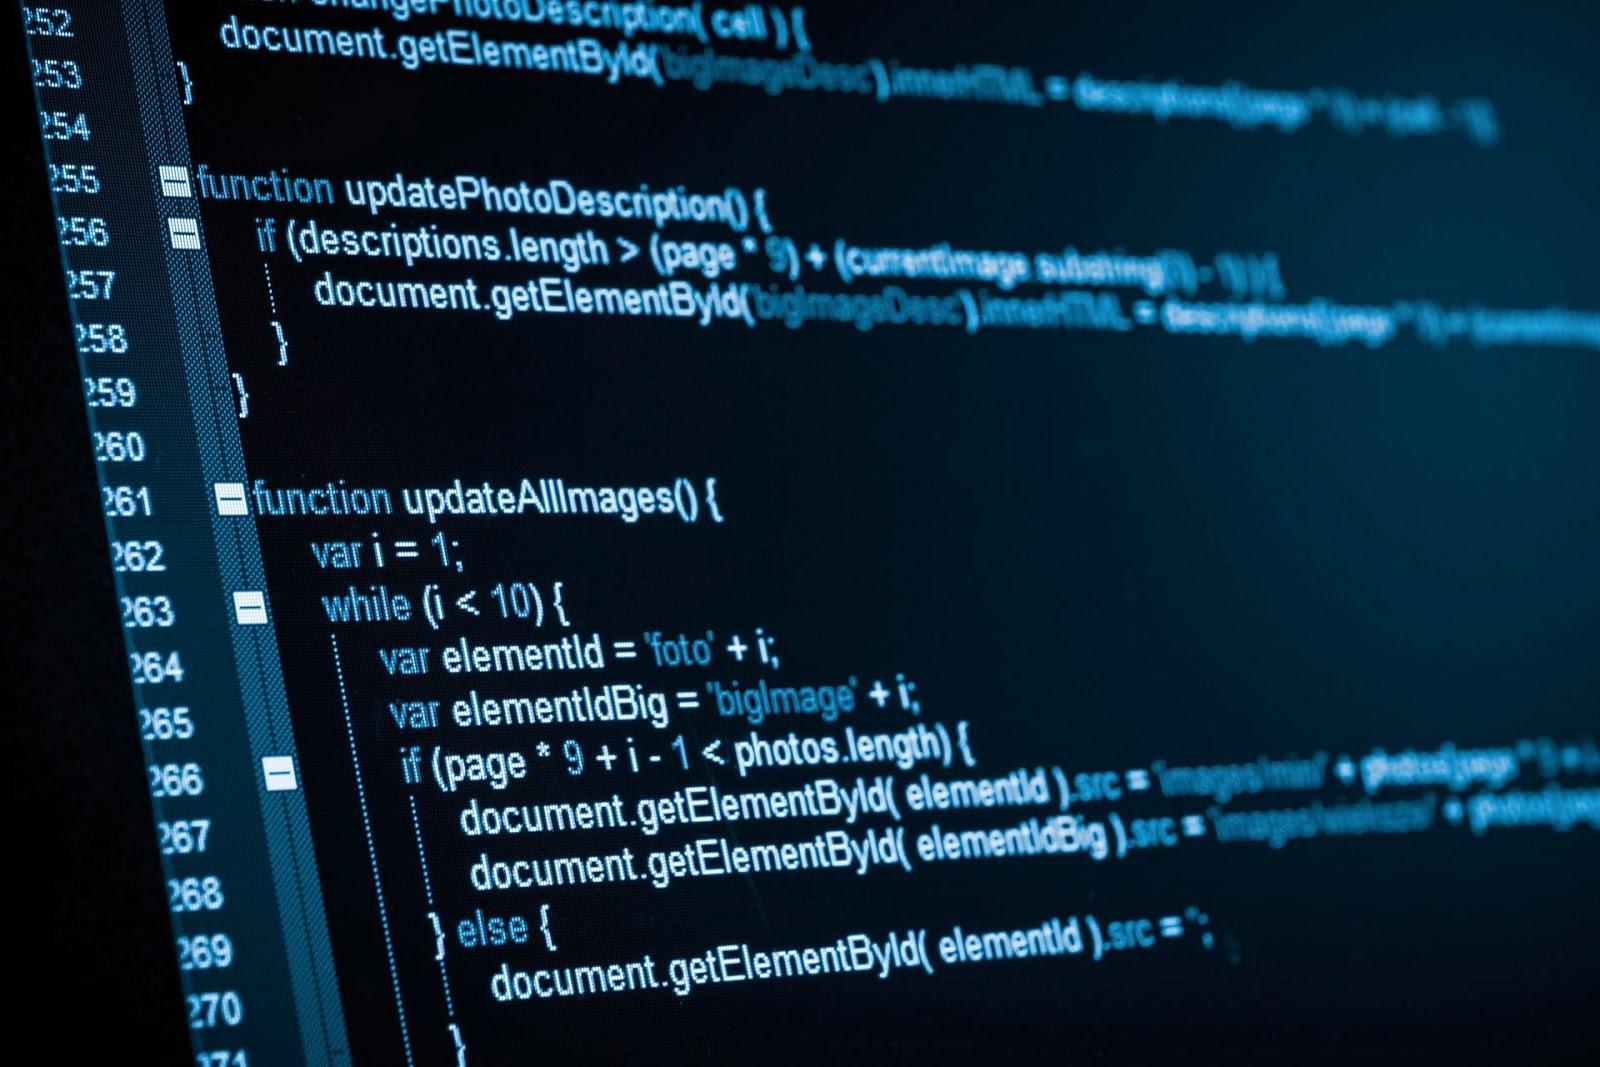 Savascript Source Code